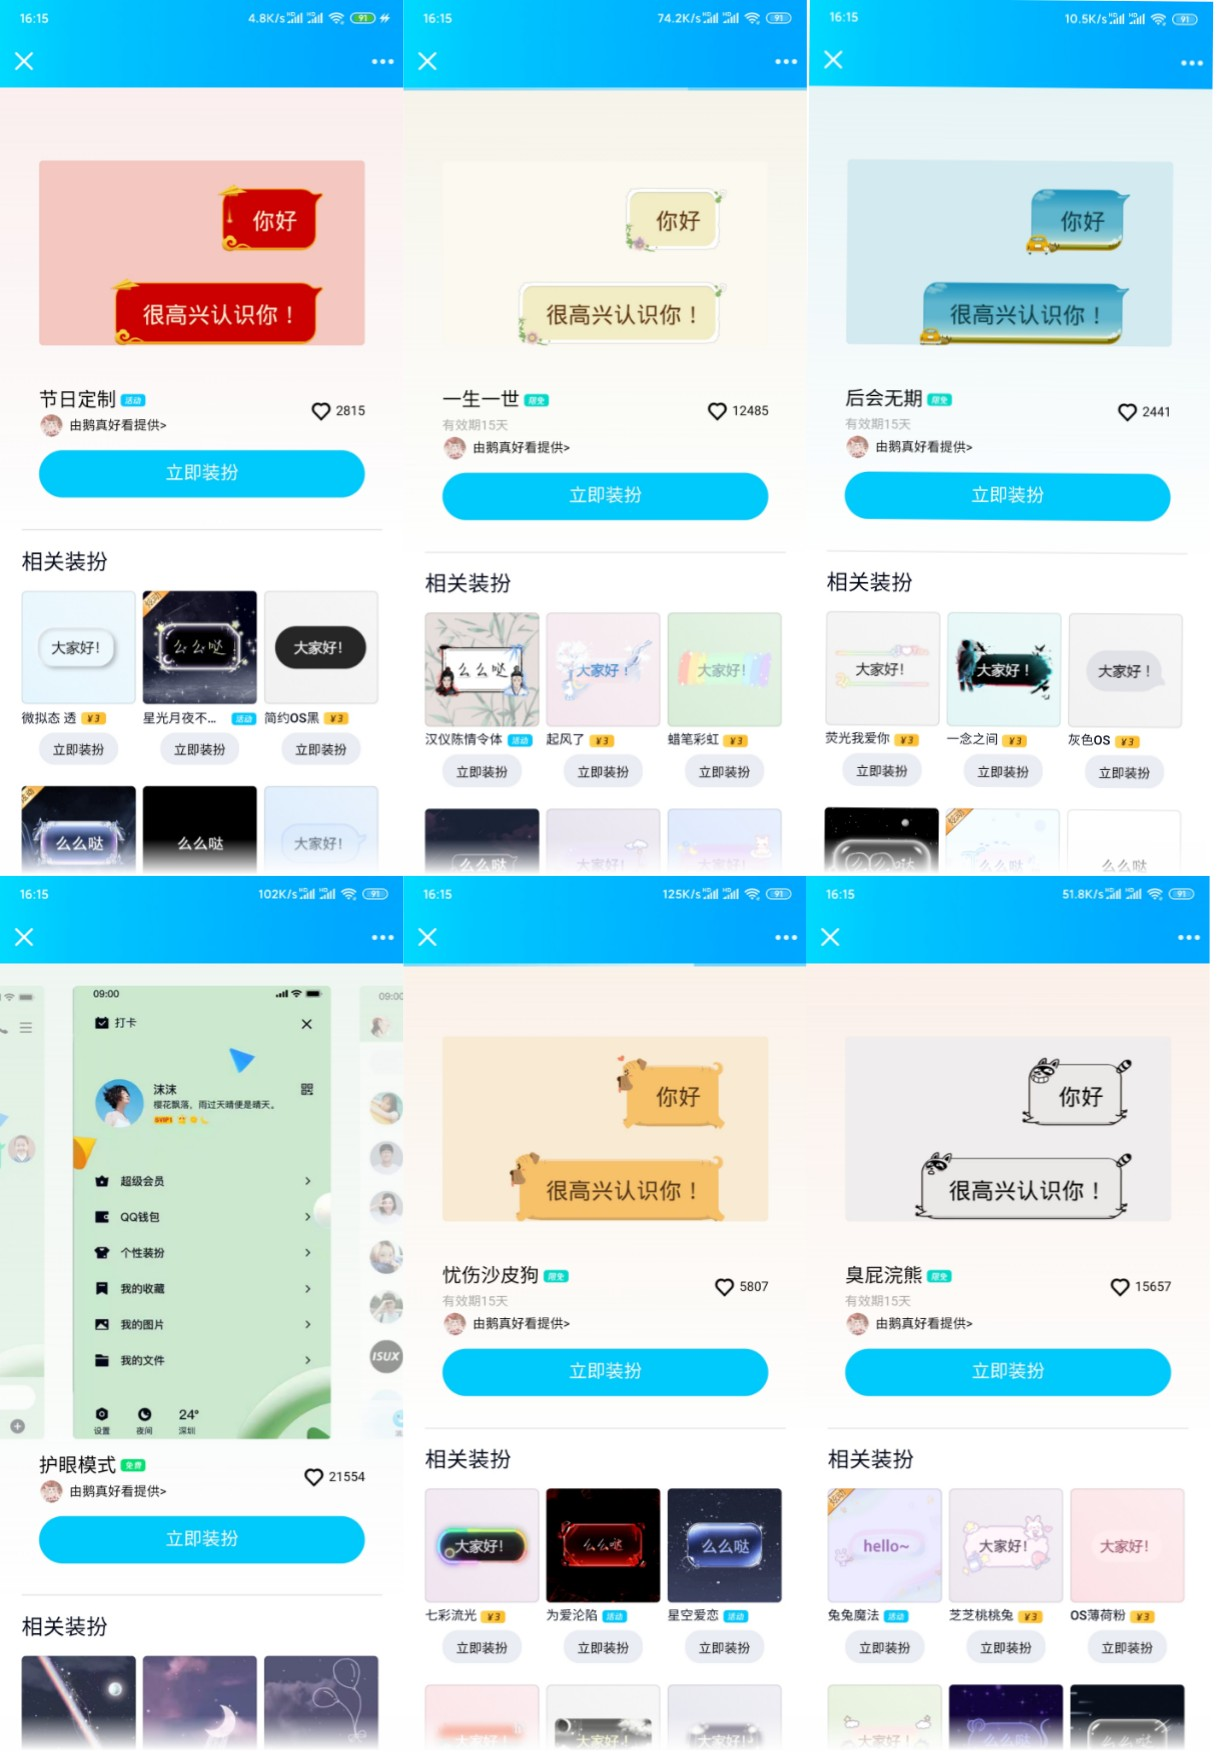 11月15号最新QQ免费主题气泡